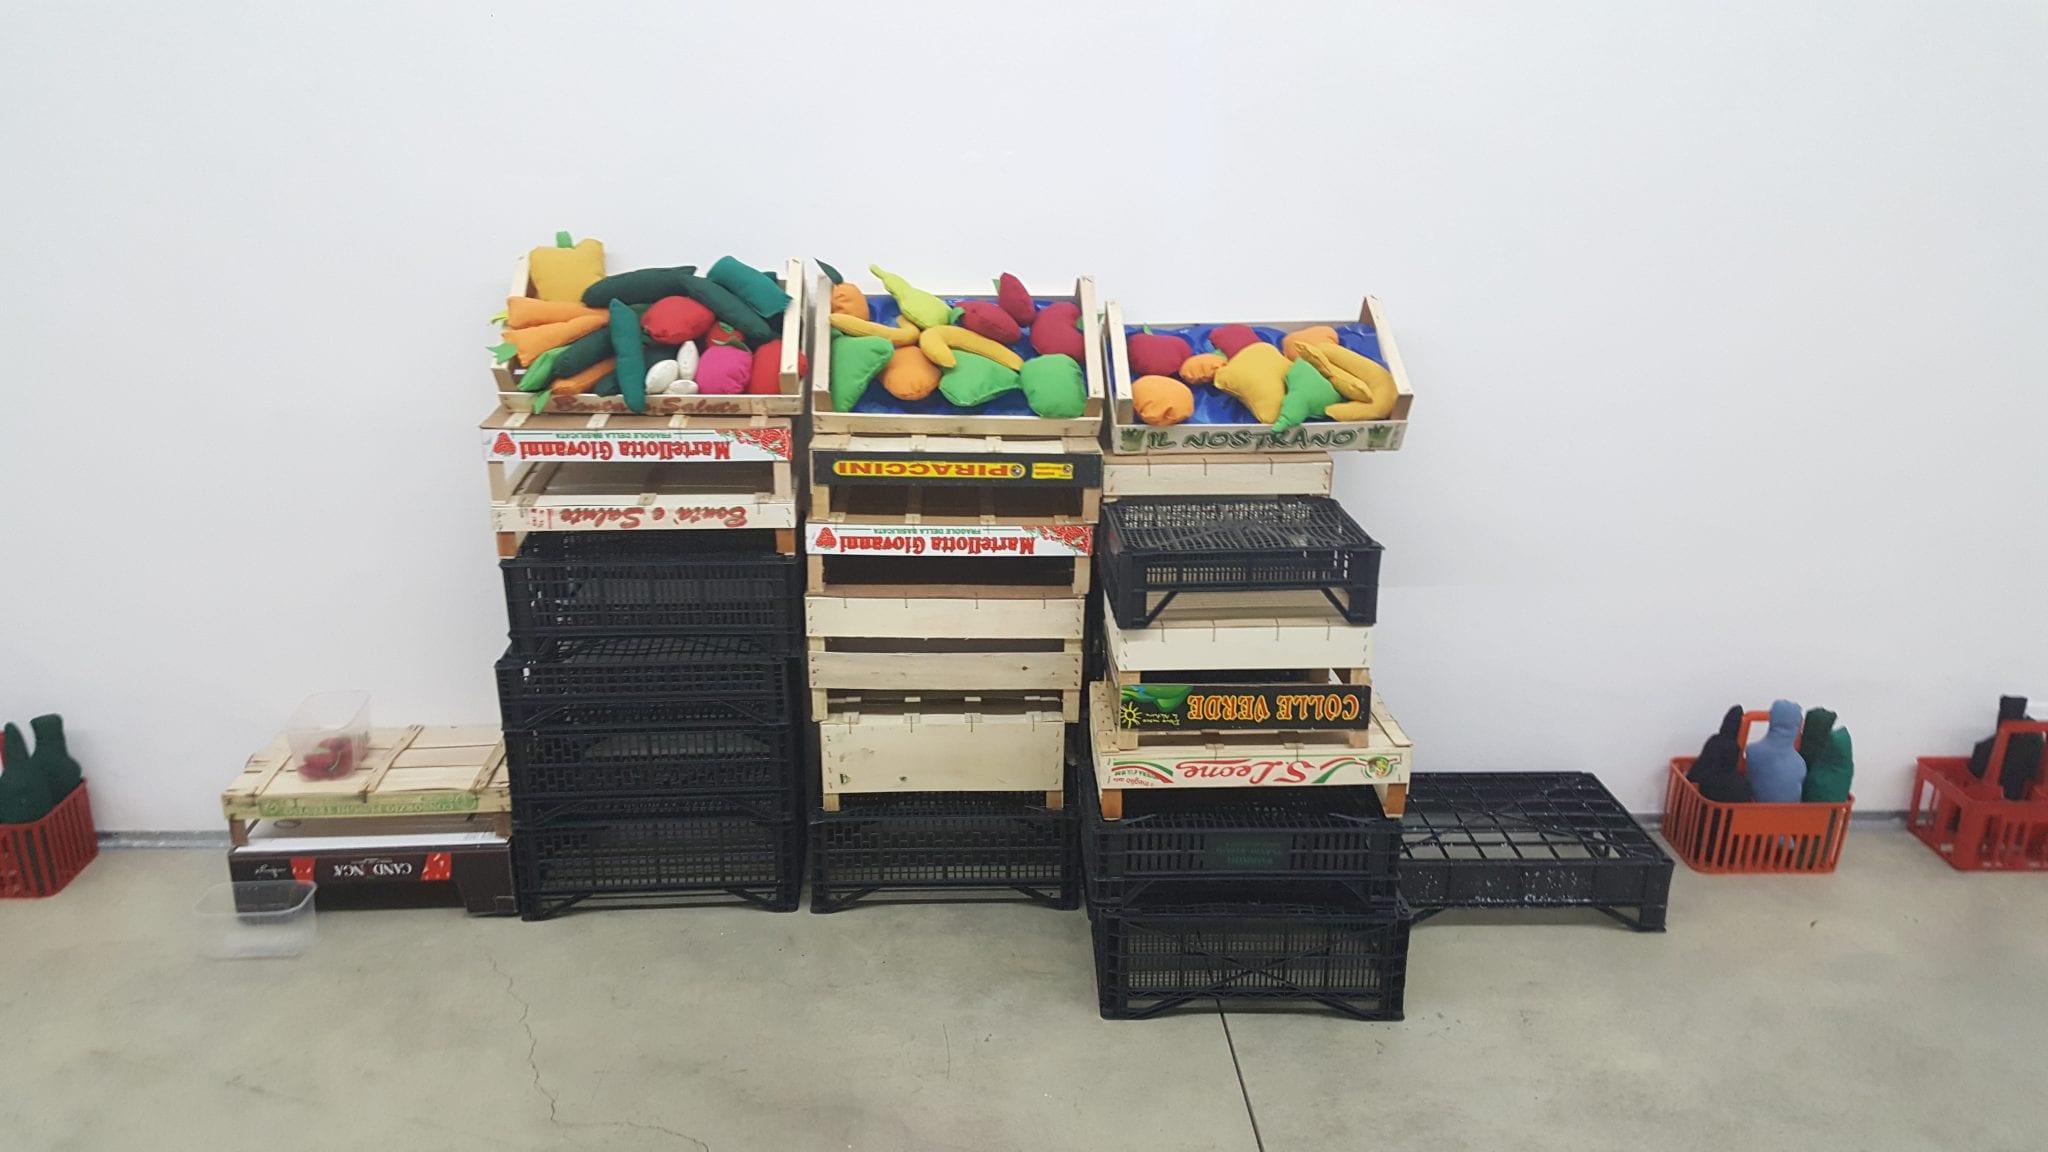 USELESS OBJECTS. L'(in)utilità dell'opera d'arte in mostra a Torino, una riflessione espositiva